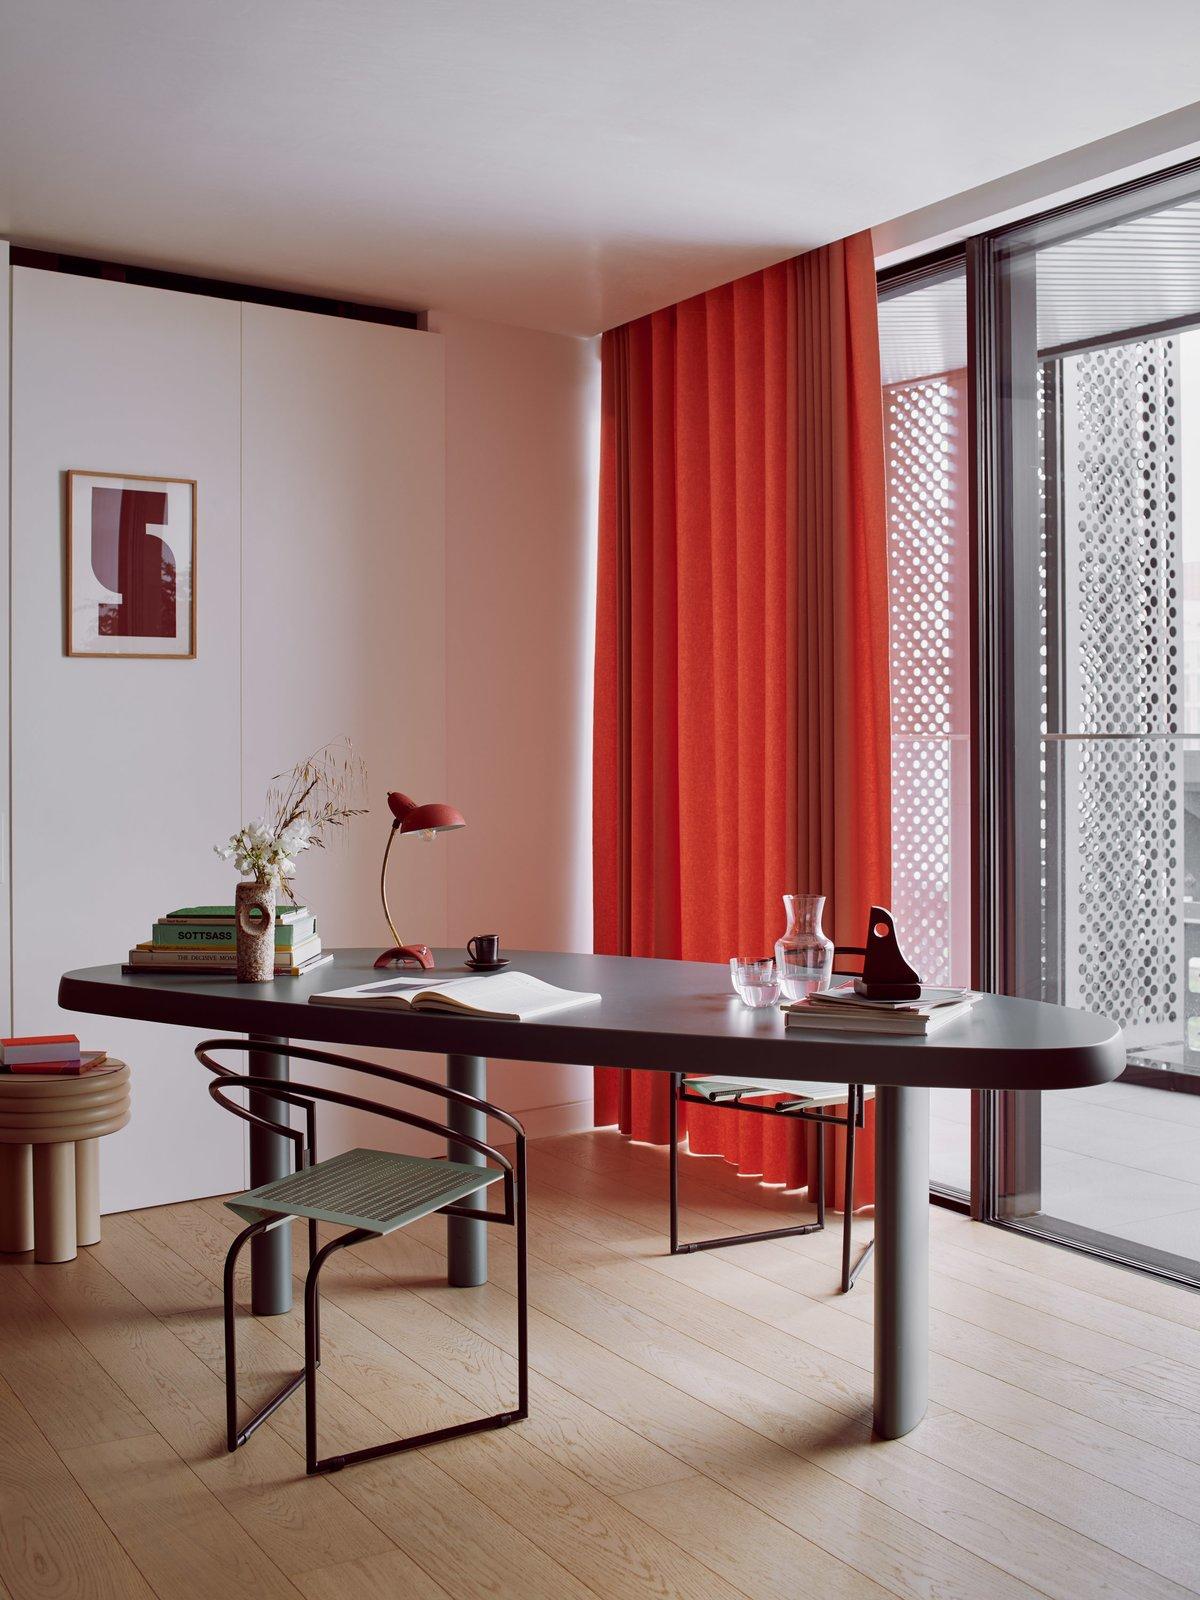 The Penthouse Roksanda Ilinčić office